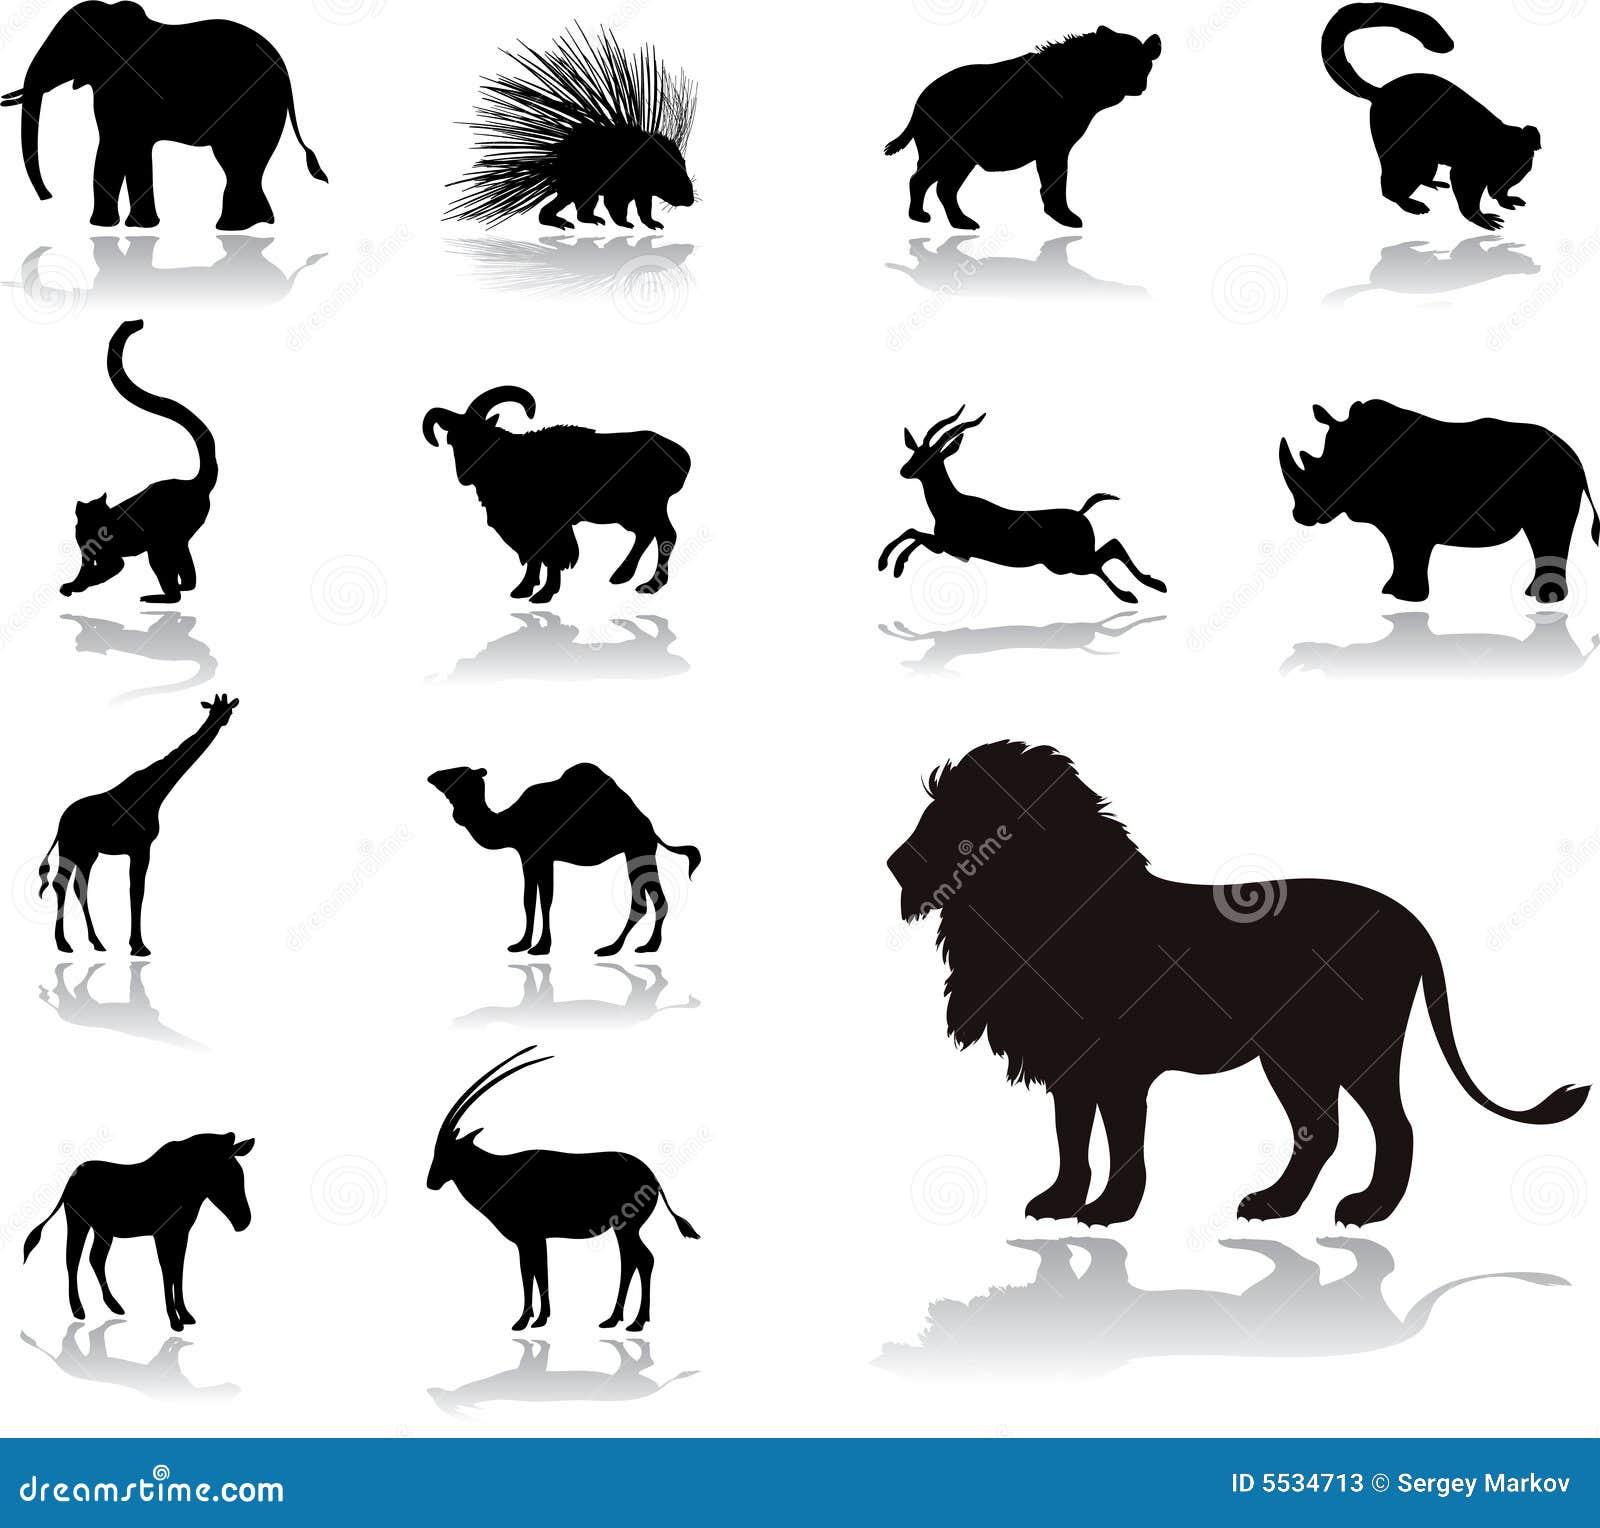 Fije los iconos - 25. Animales